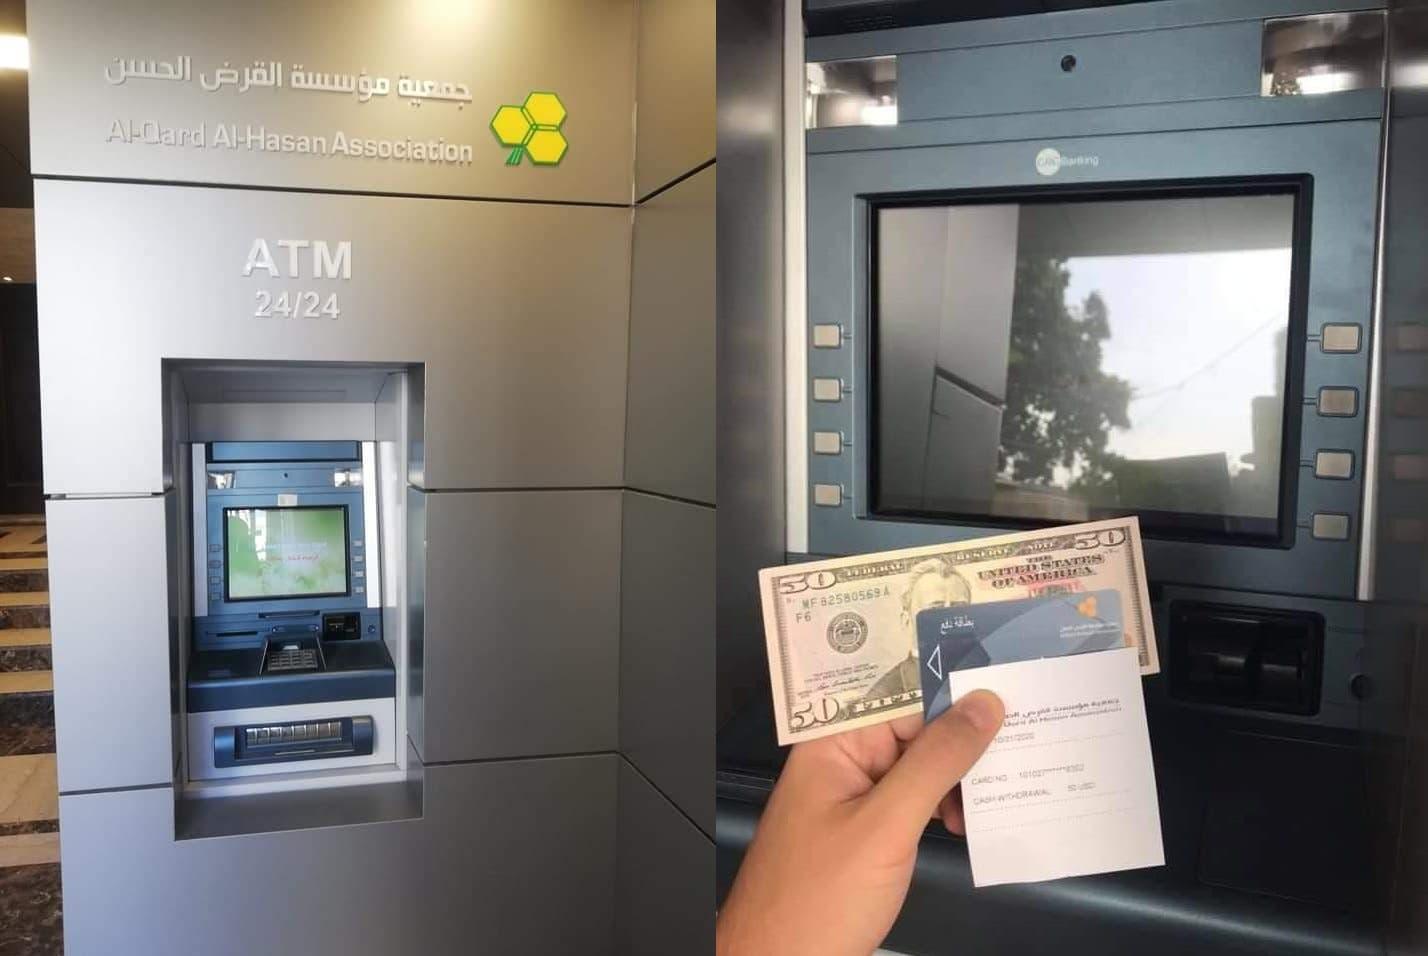 Hezbollah's Qard al-Hassan association ATM. (Twitter)